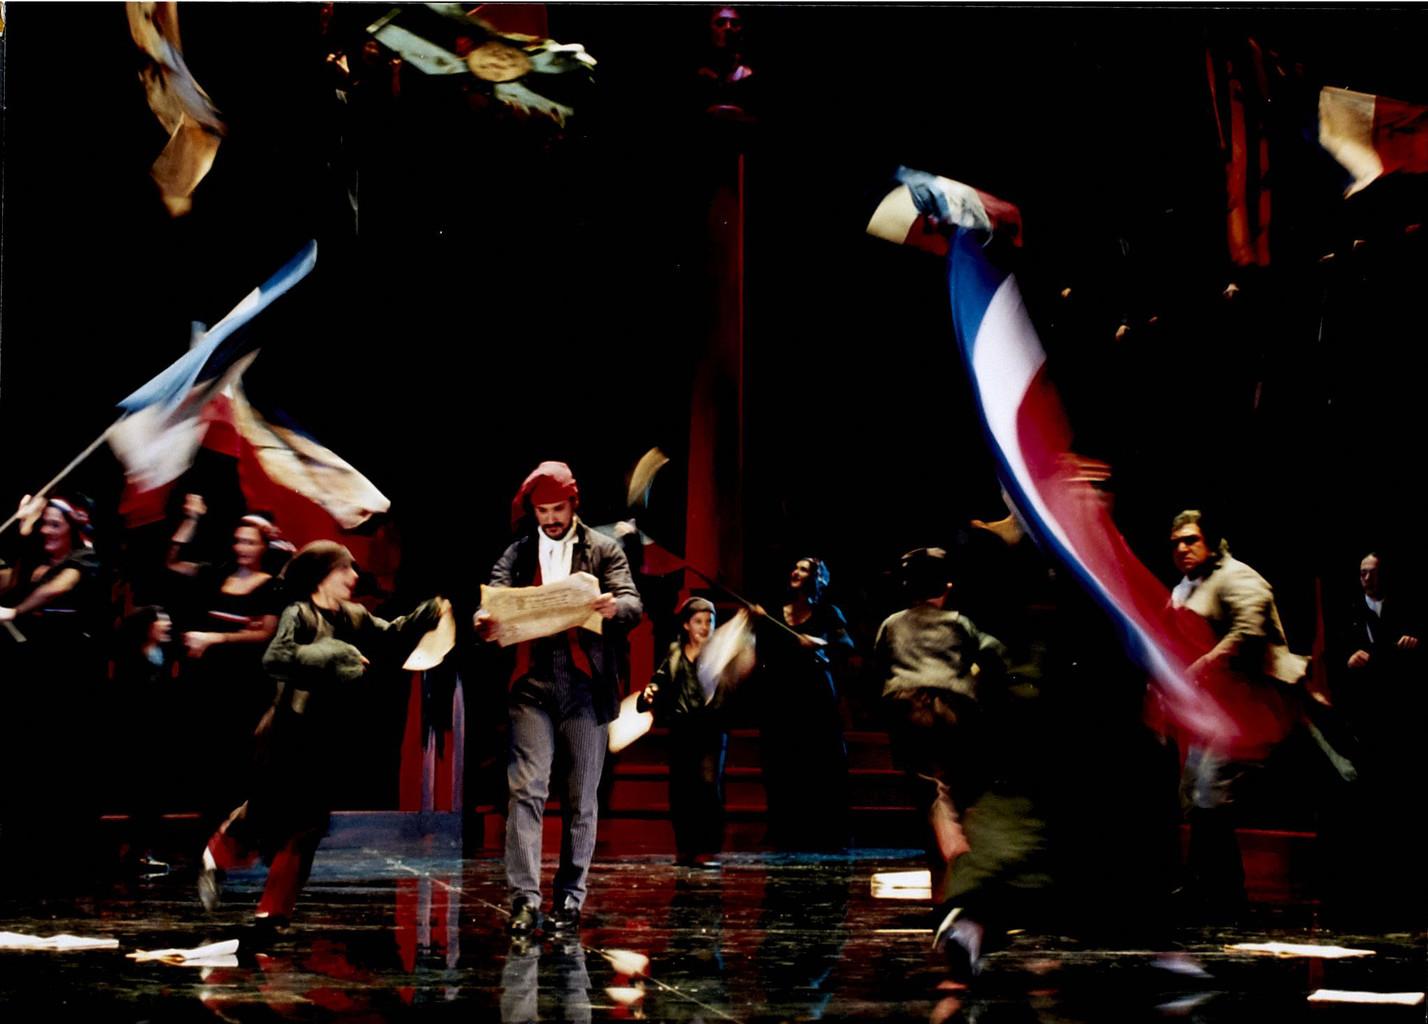 Photographie : Andrea Chenier. 1999/2000, Opéra de Nice Côte d'Azur |